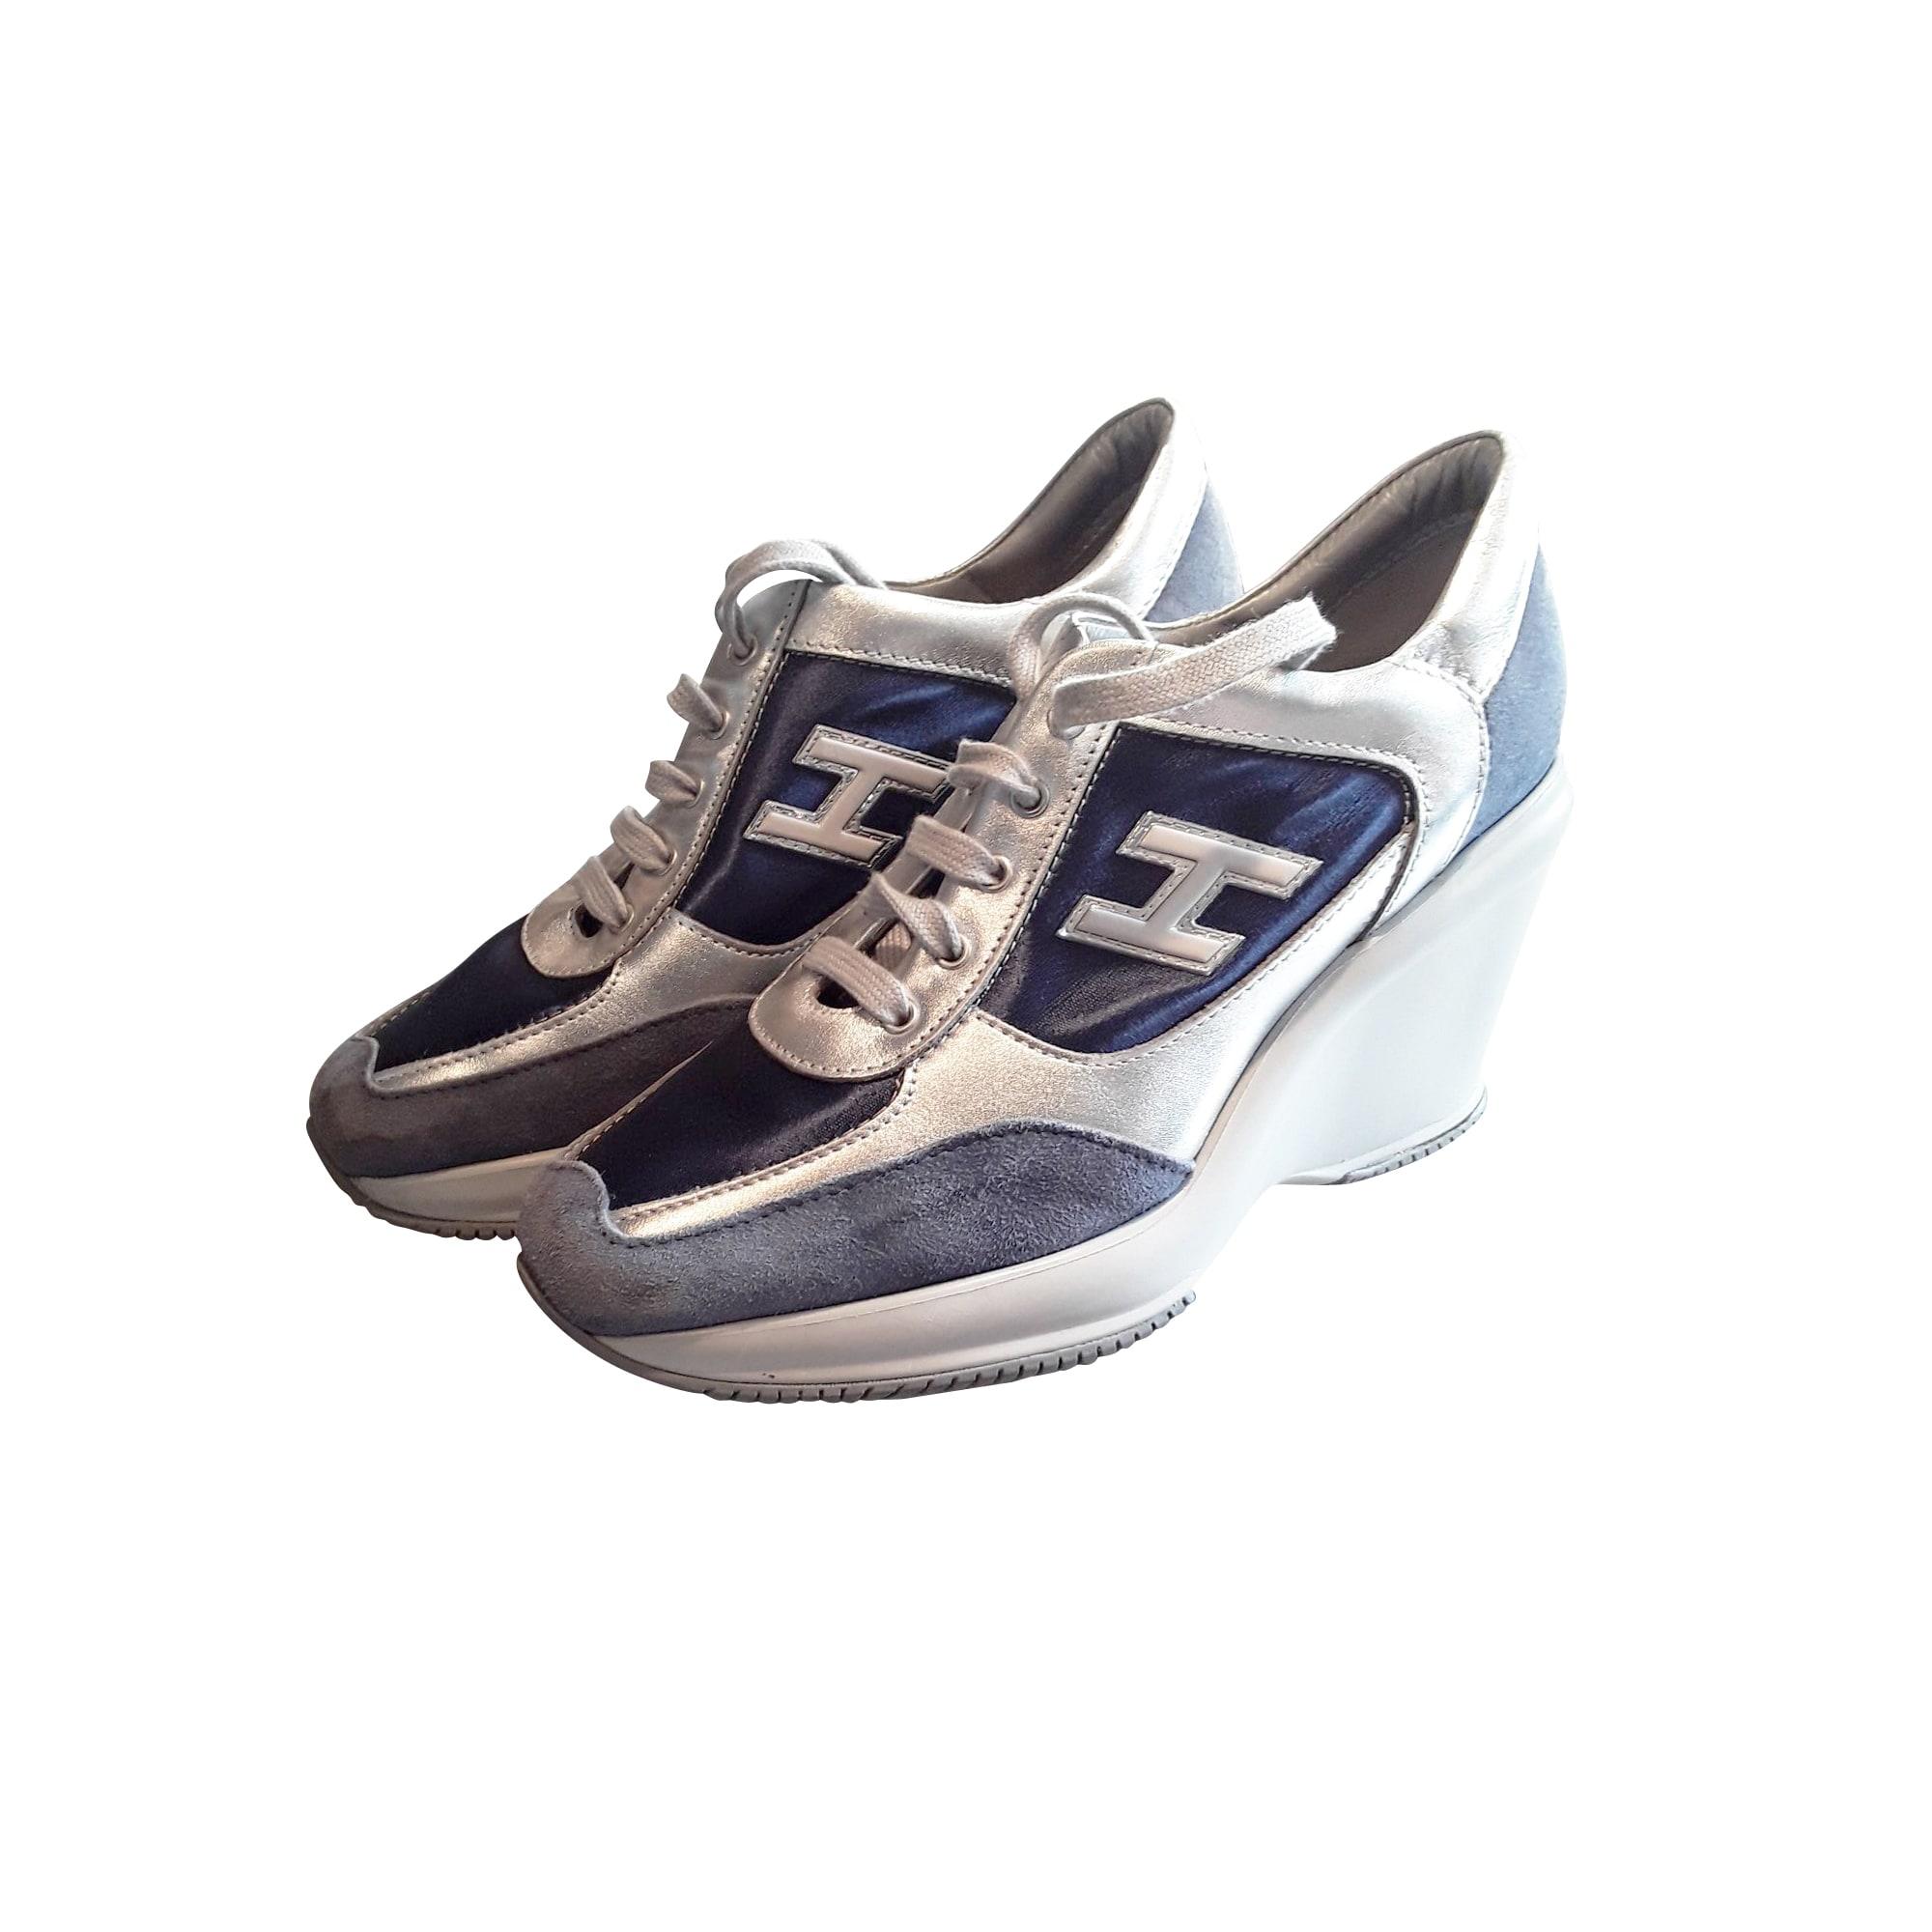 Lace Up Shoes HOGAN Bleu et Argenté